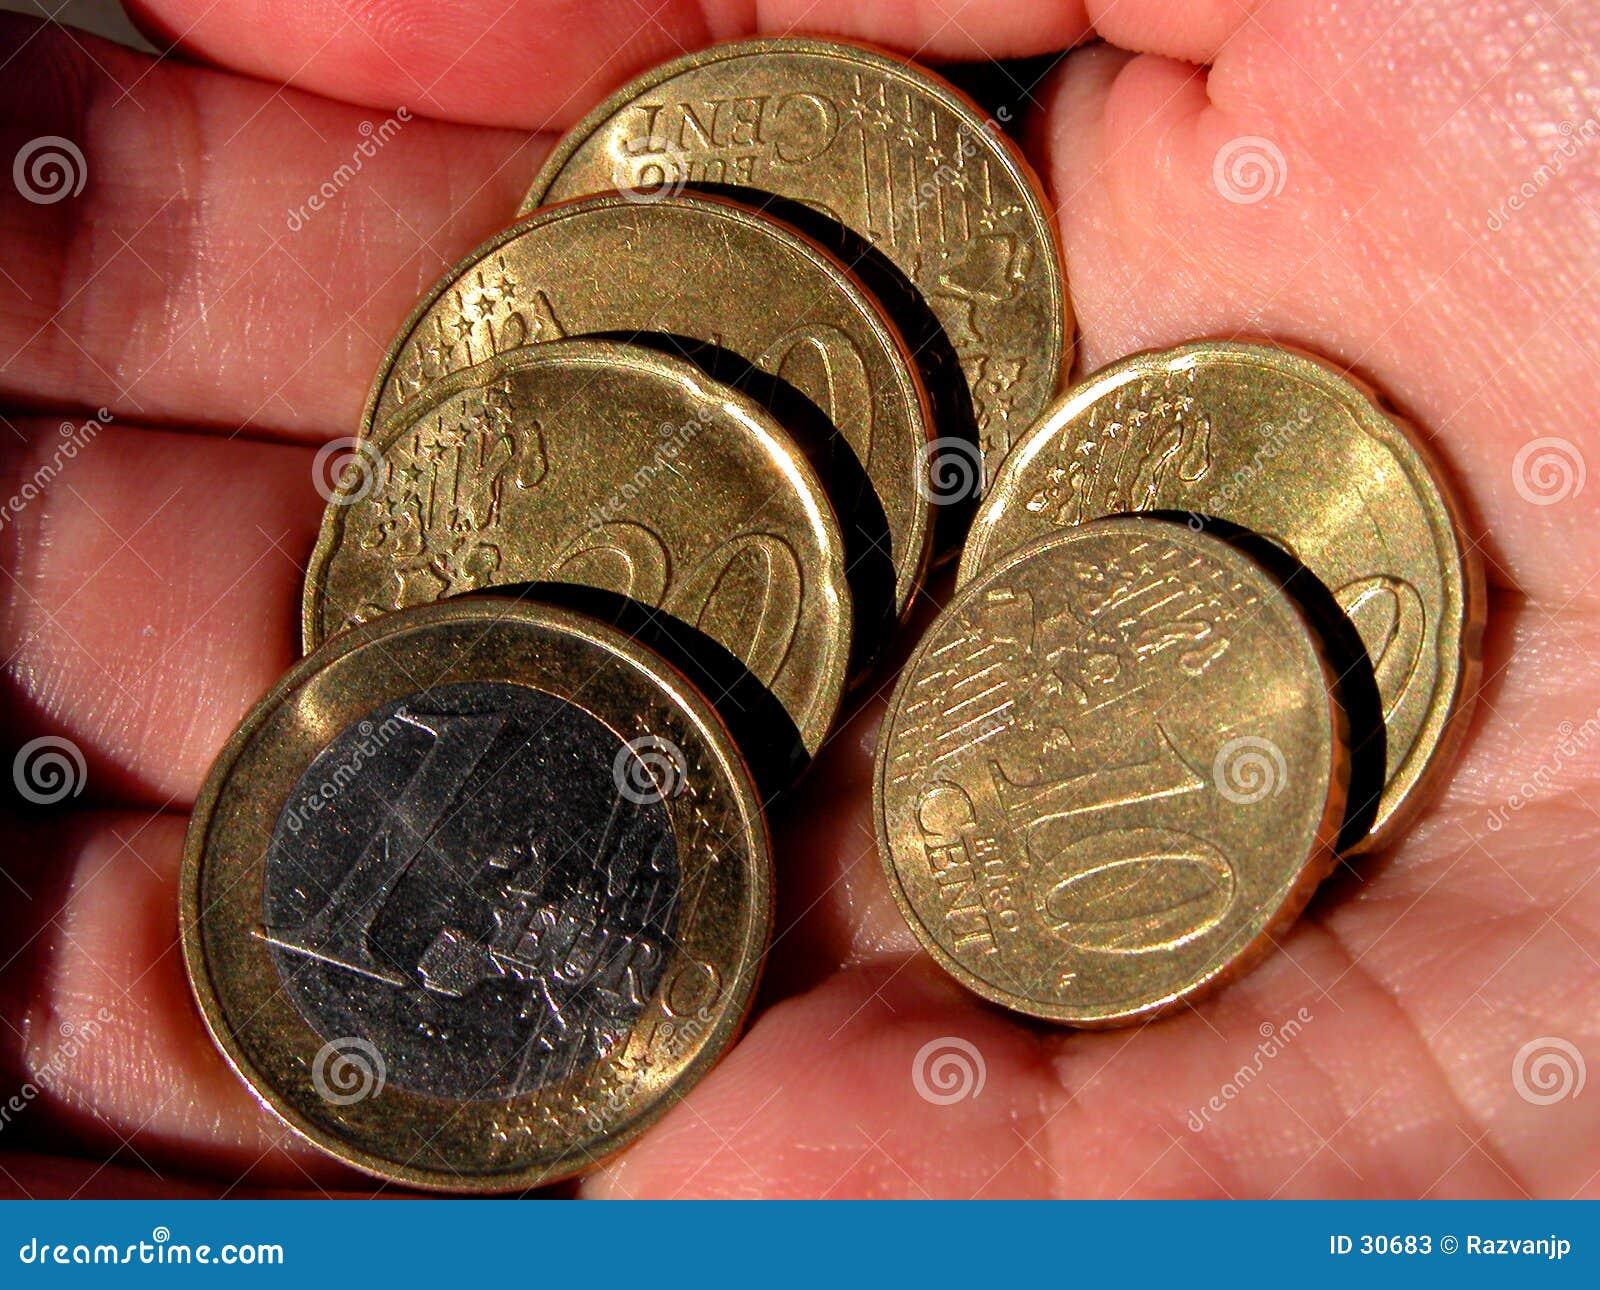 Eurocoins in der Hand